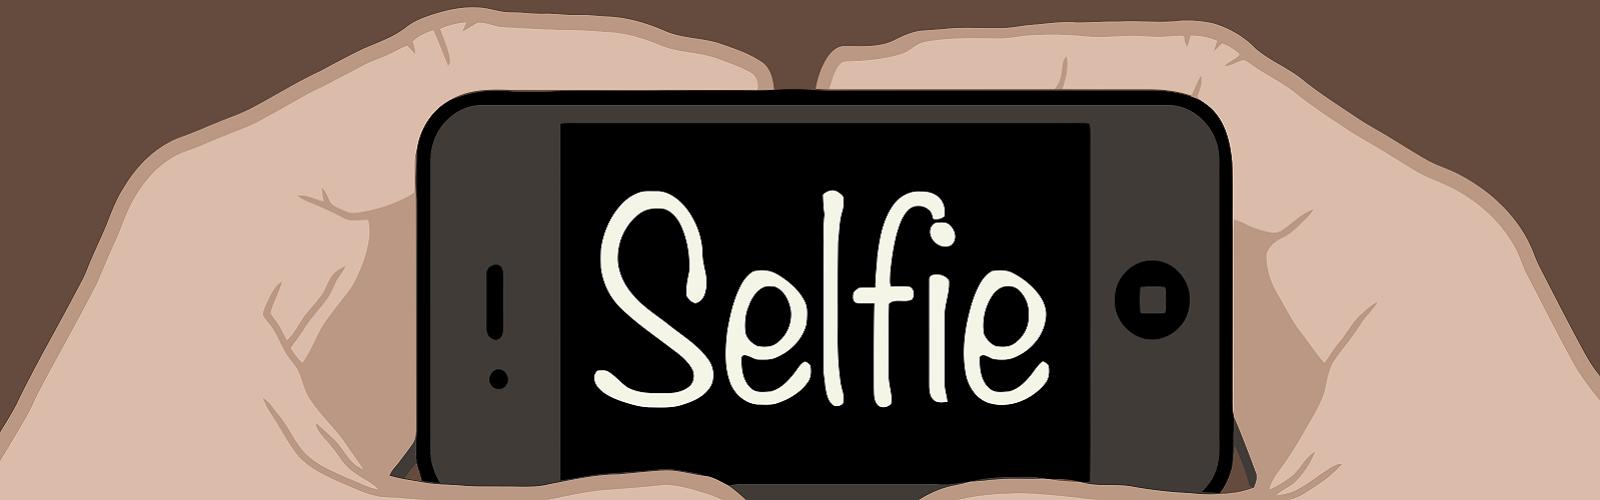 L'ascesa dei selfie e la rincorsa dei brand [INFOGRAFICA]